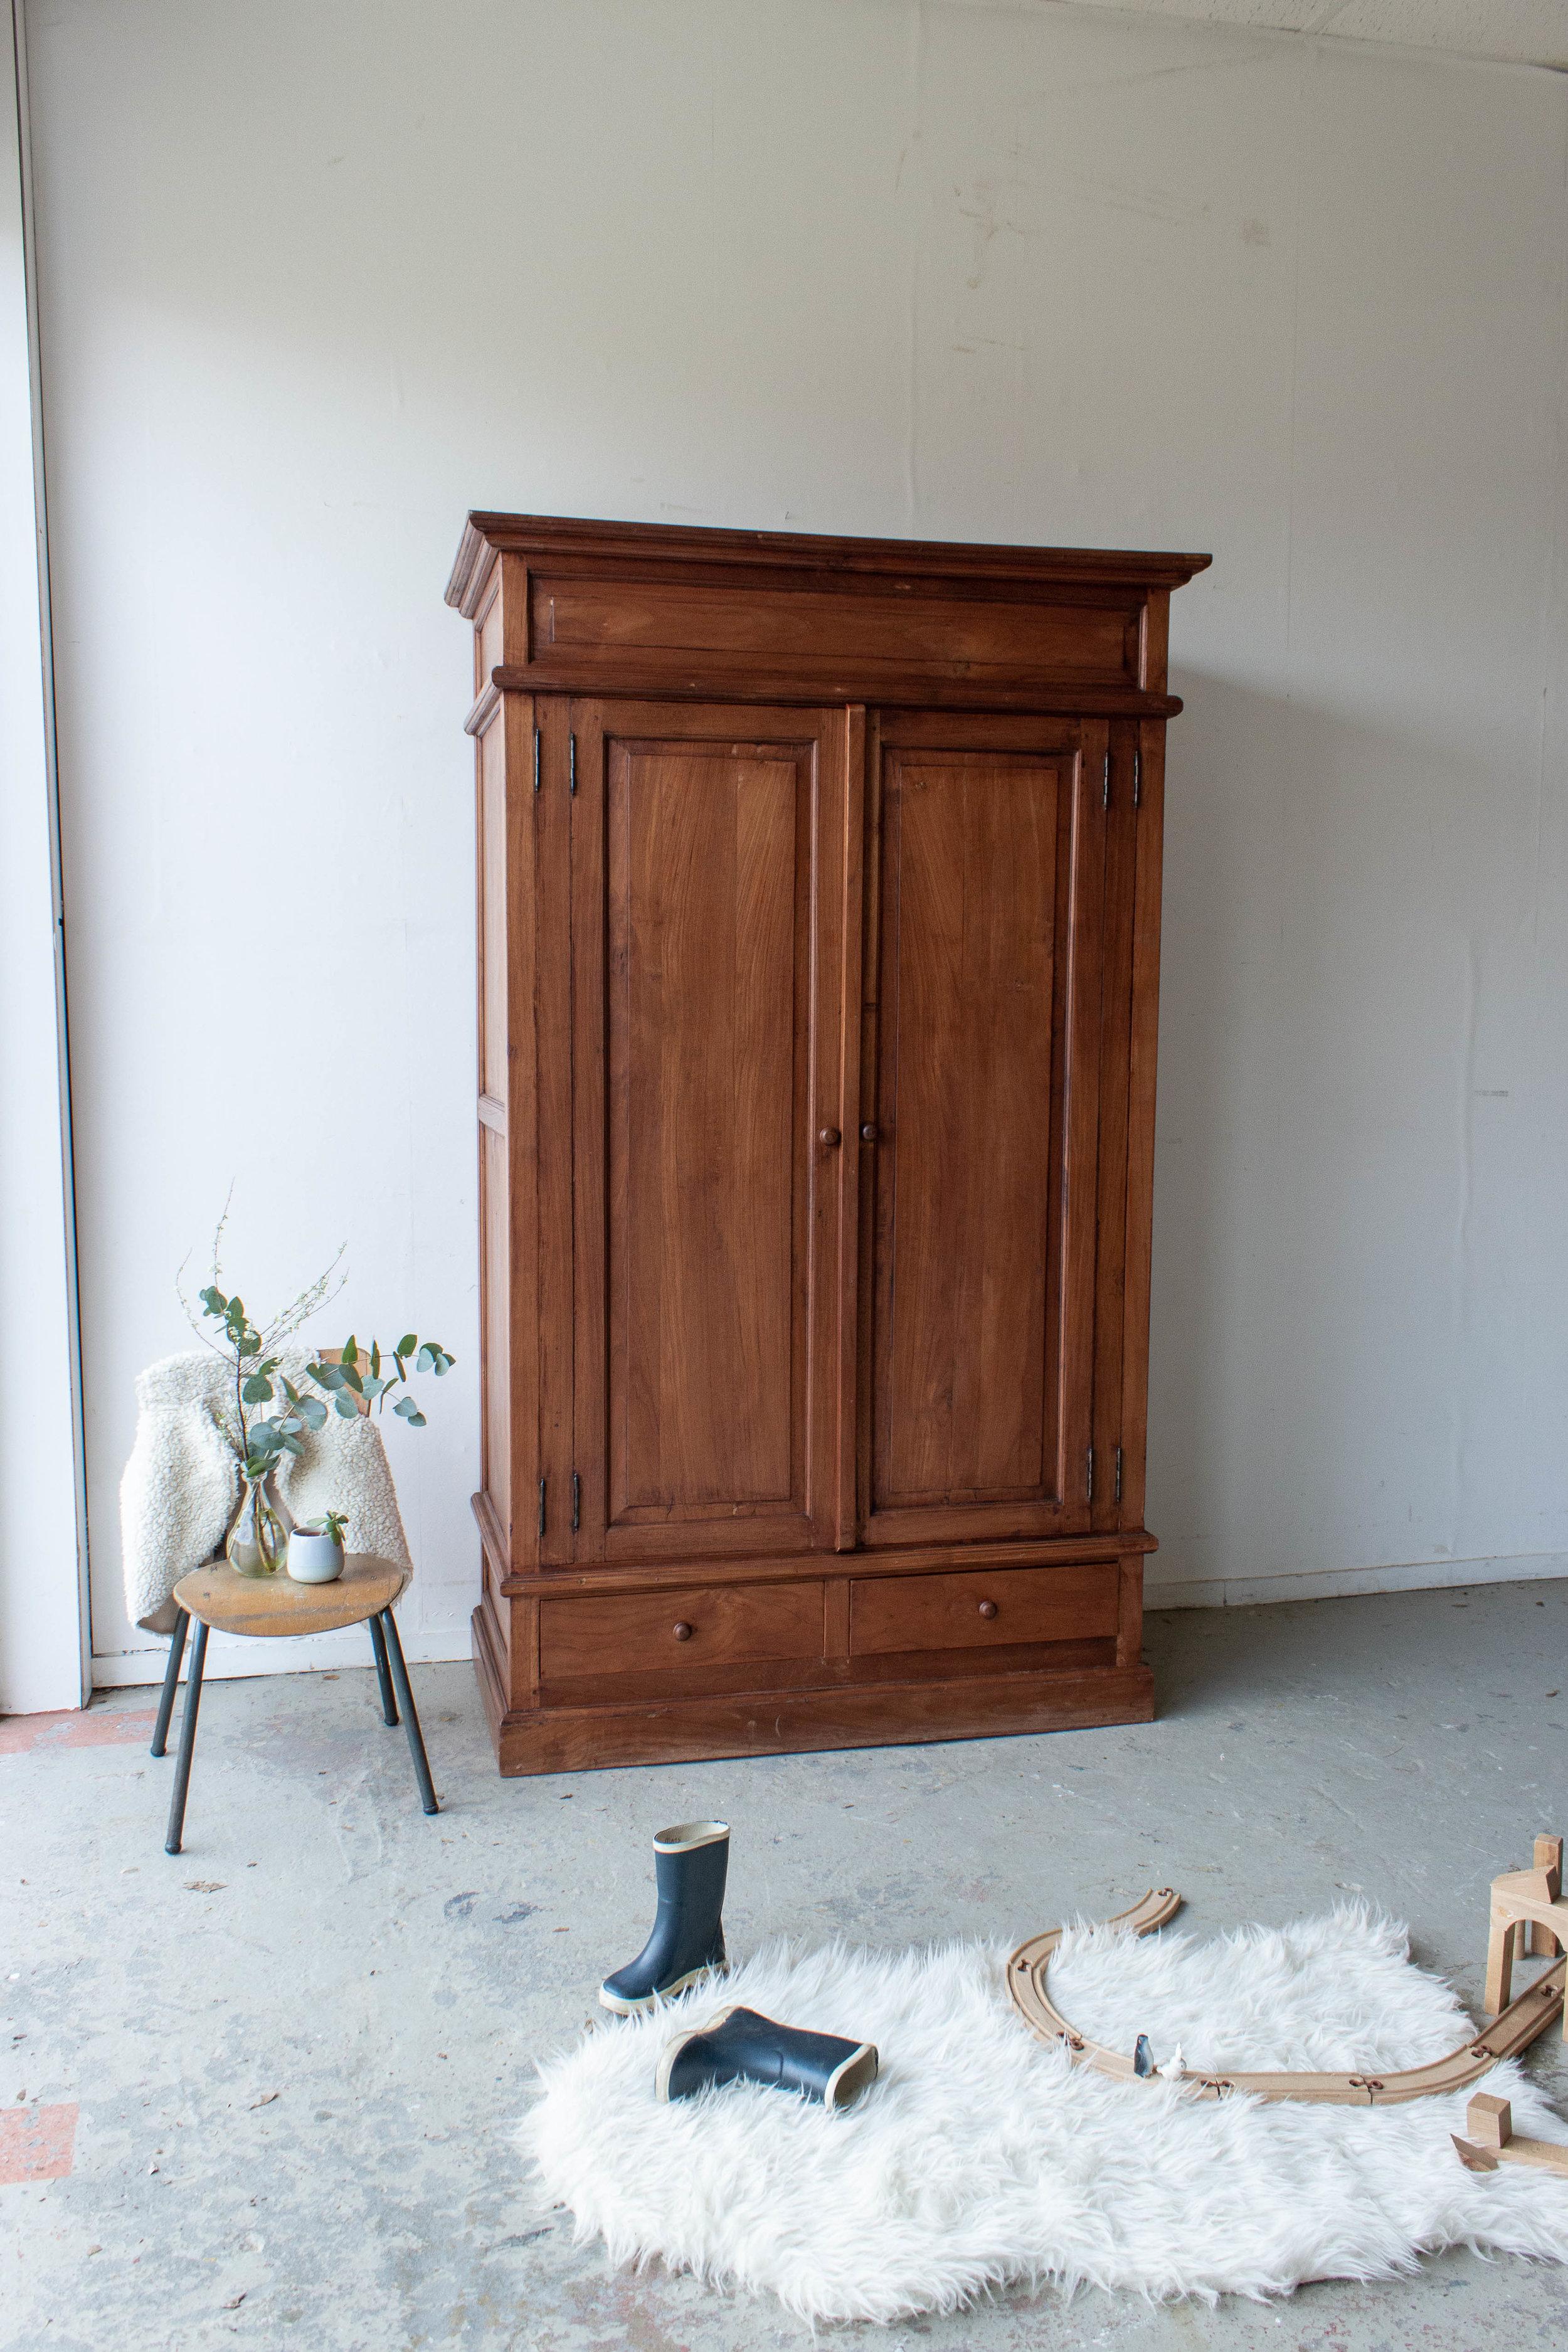 1483 - Vintage meidenkast van hout-2.jpg